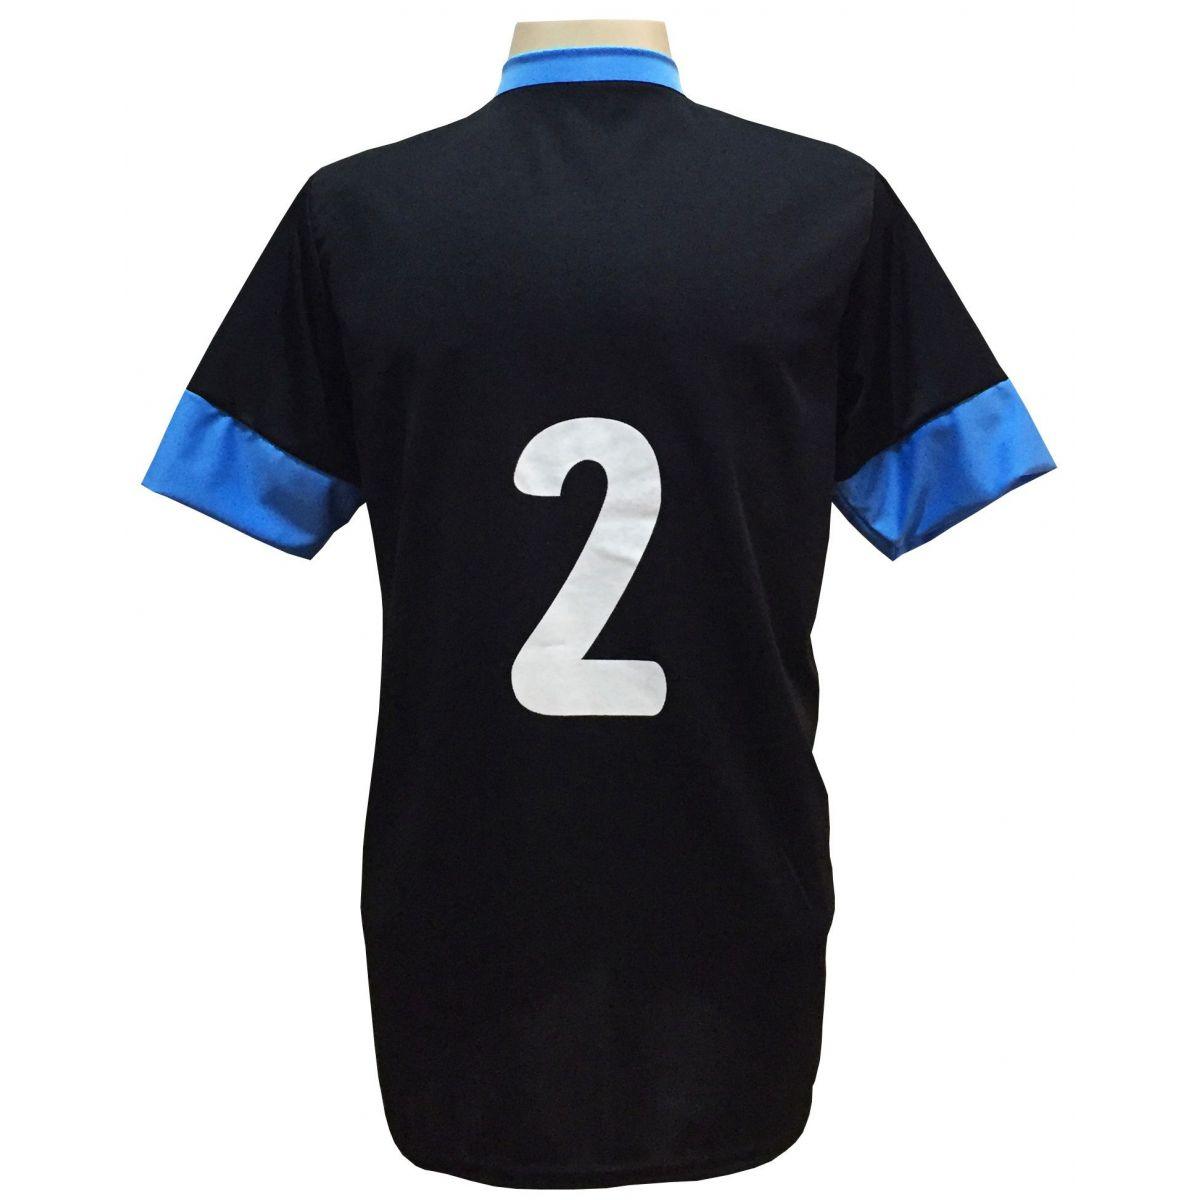 Uniforme Esportivo com 18 camisas modelo Columbus Preto/Celeste + 18 calções modelo Madrid Preto + Brindes